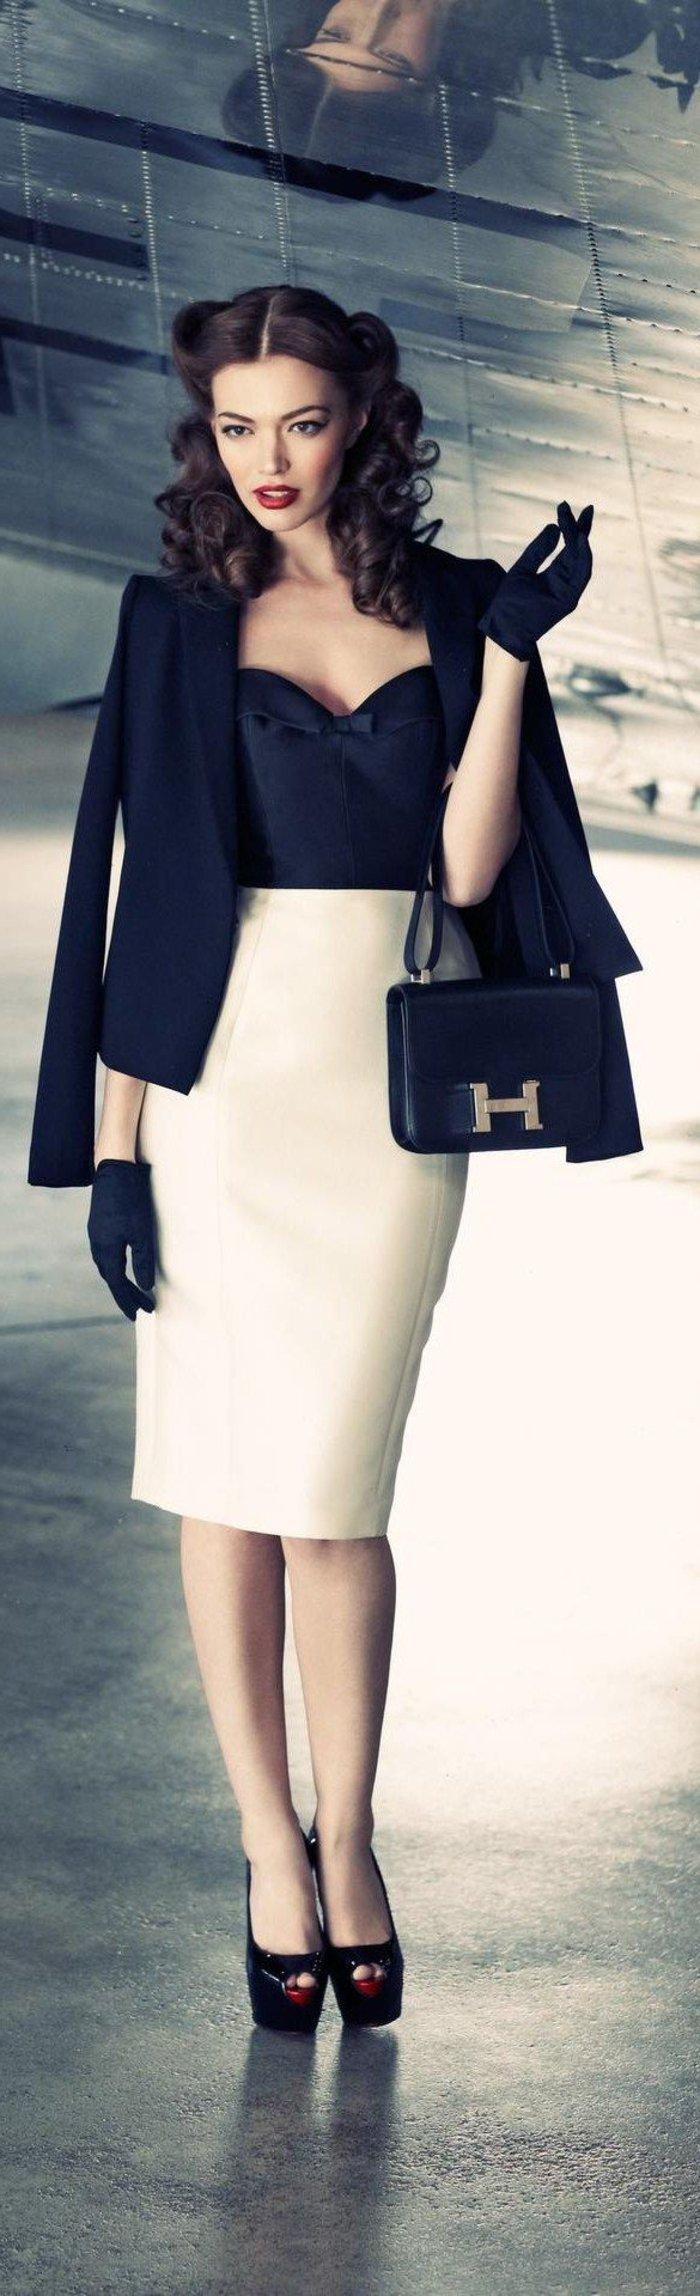 damenkleider-elegant-mit-schwarzen-handschuhe